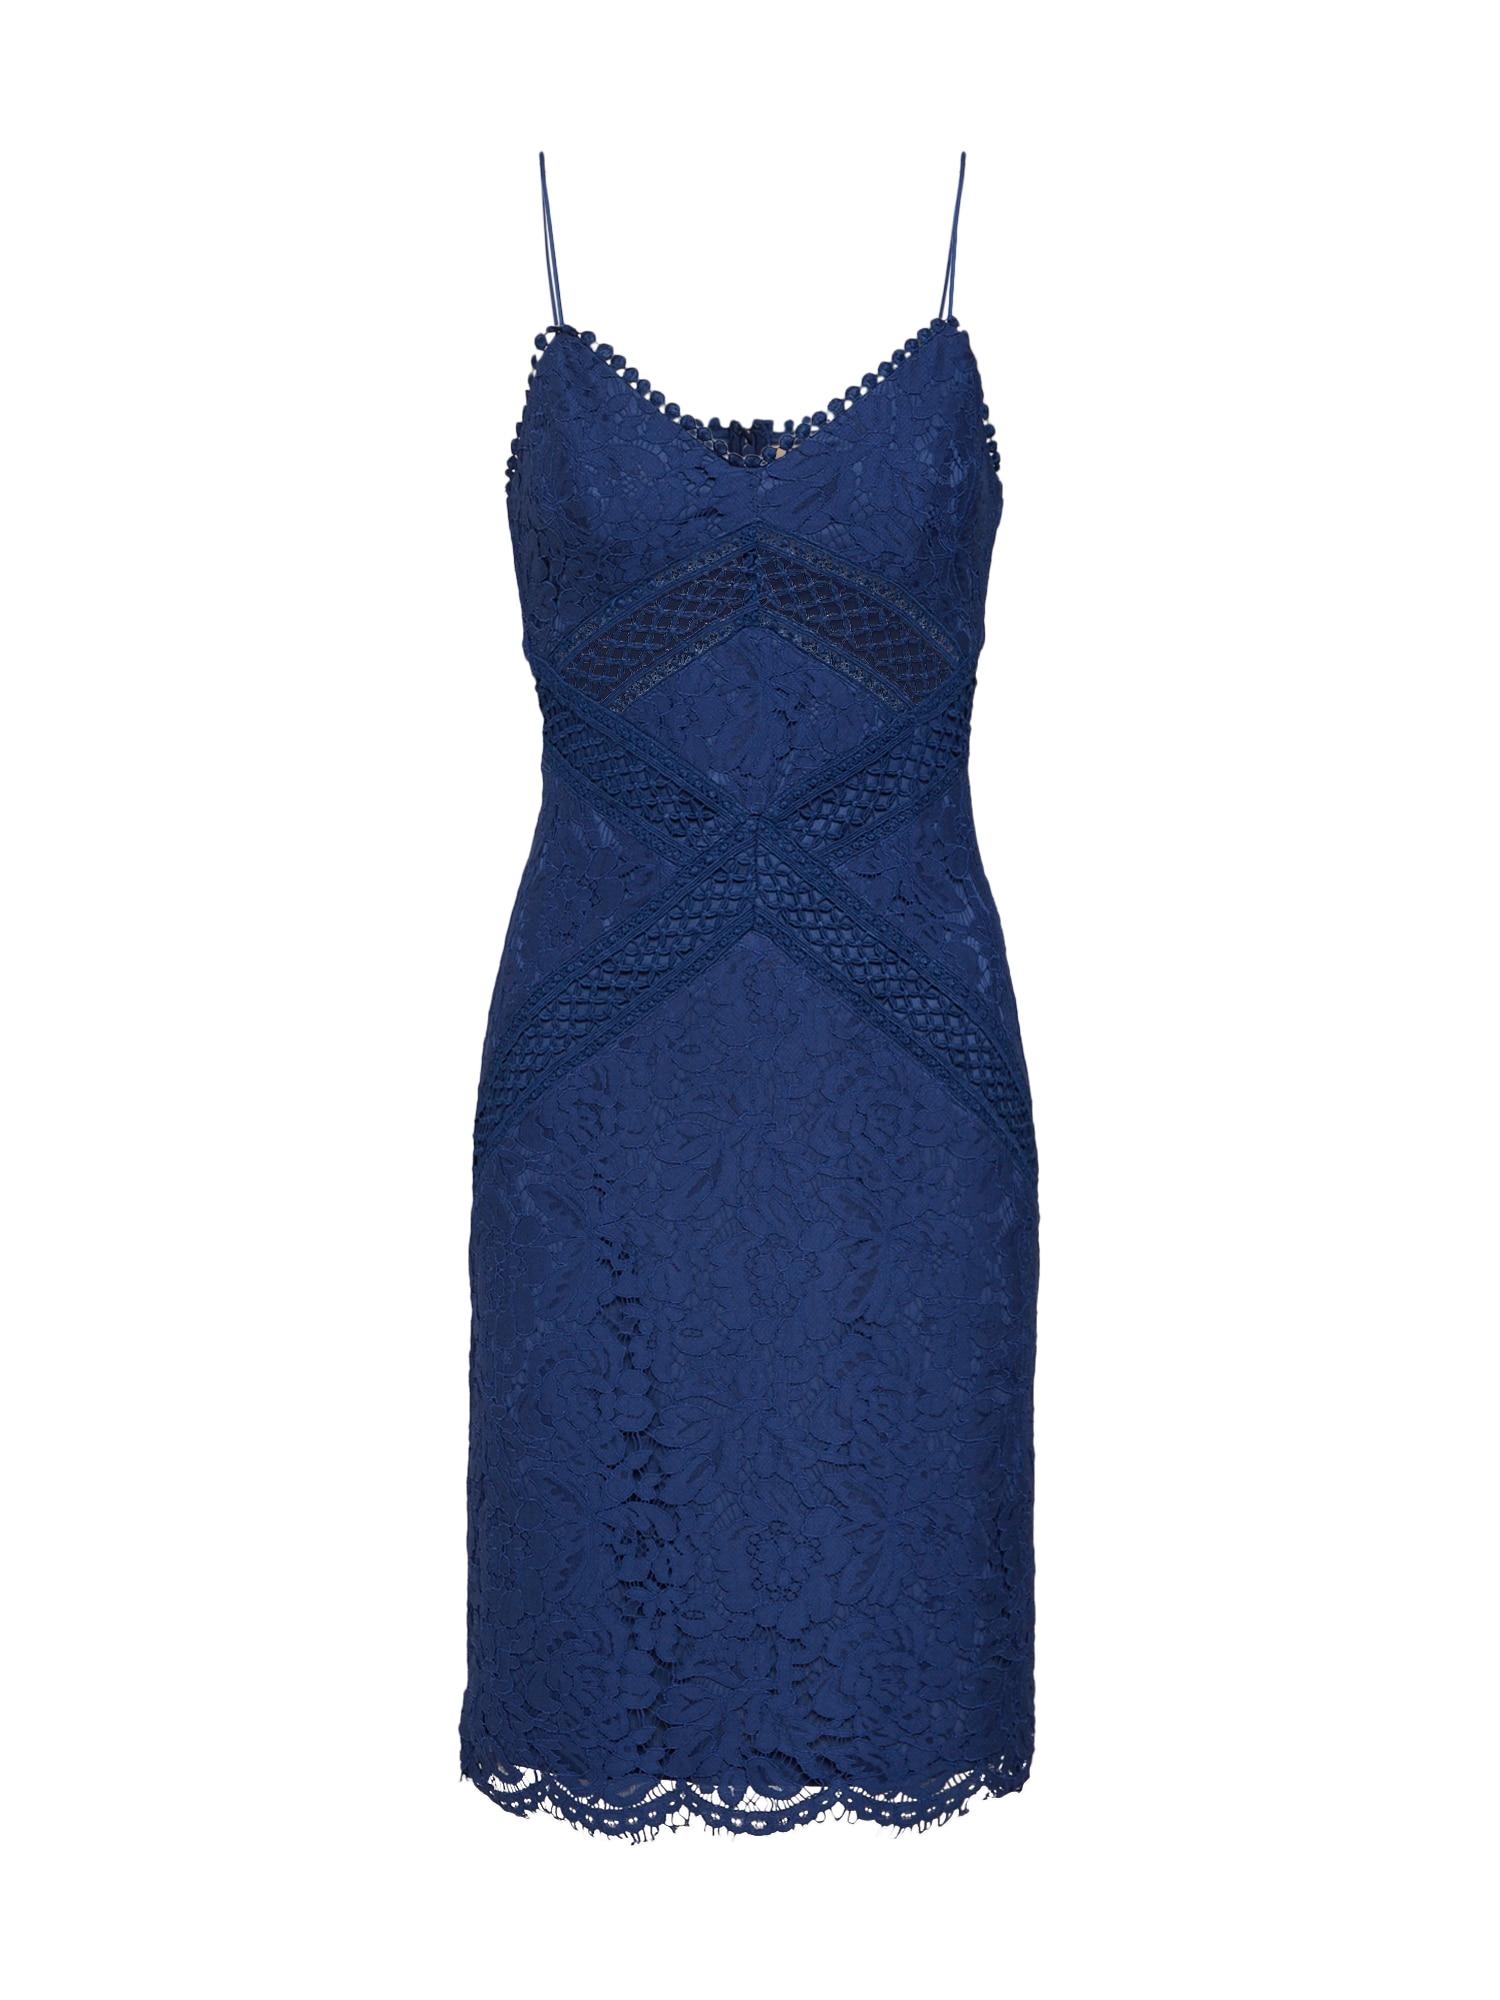 Koktejlové šaty Just One Look námořnická modř Love Triangle